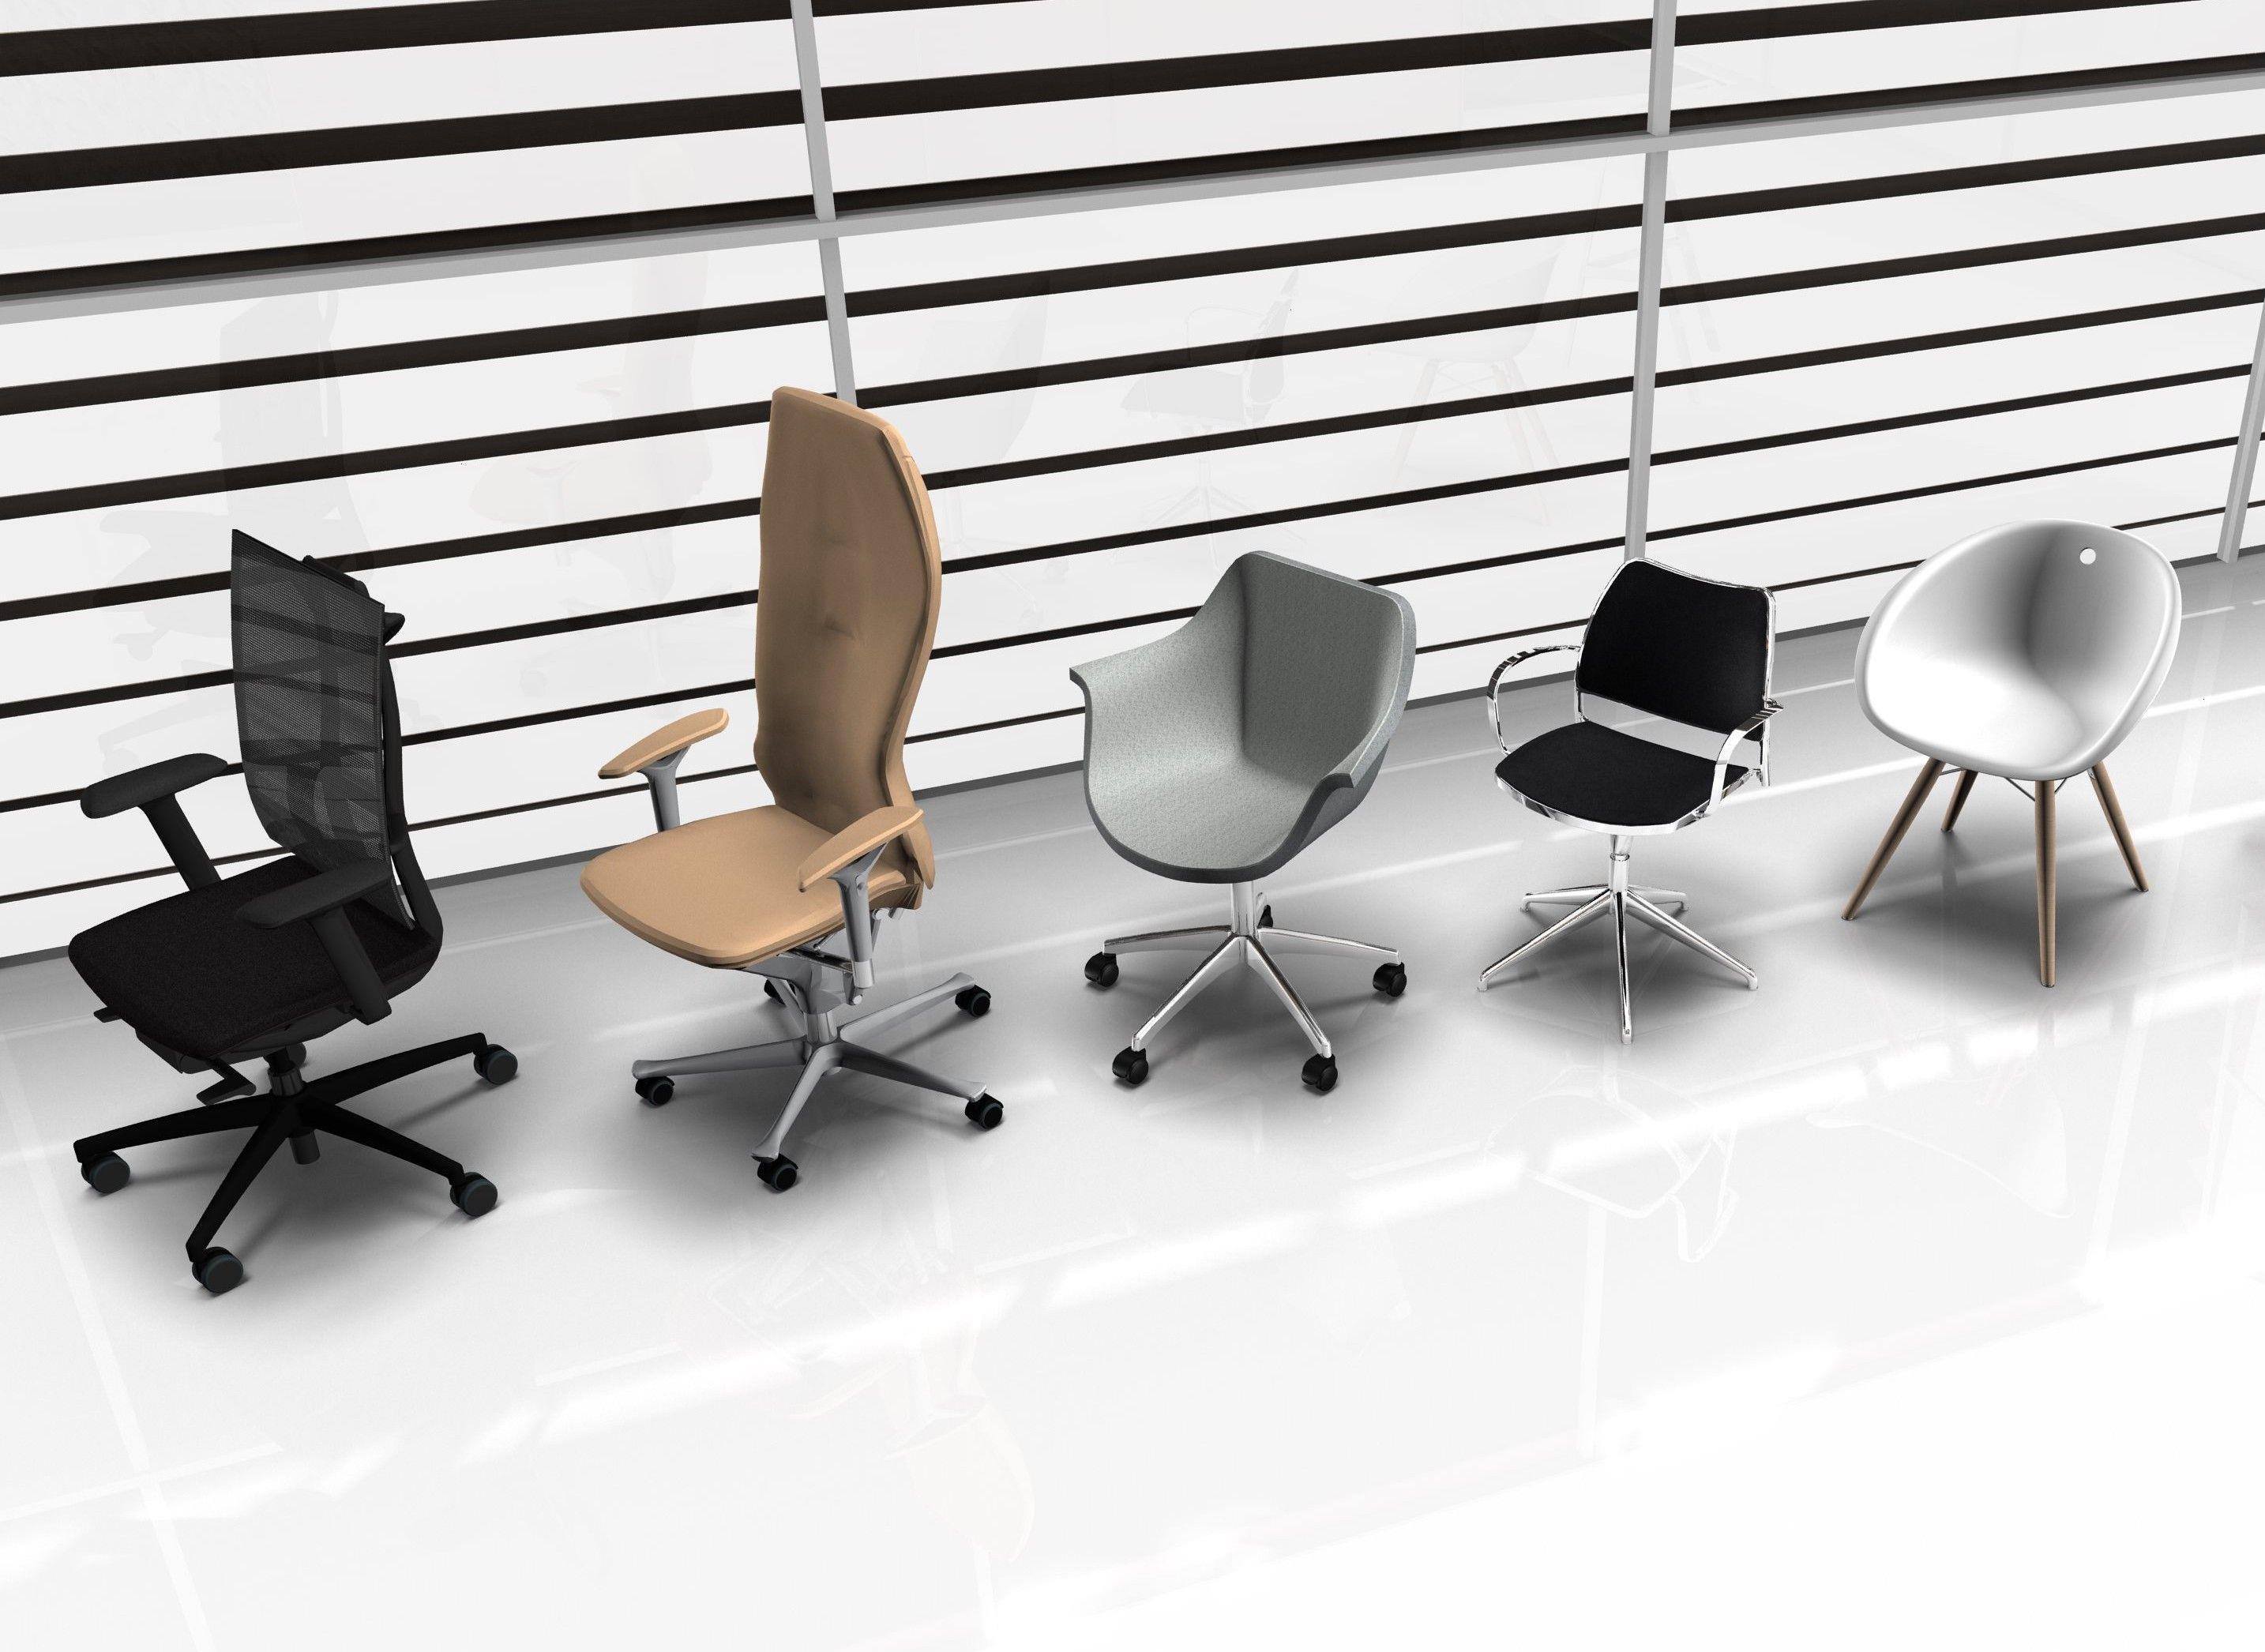 auderghem mobilier de bureau assis debout ergonomie. Black Bedroom Furniture Sets. Home Design Ideas